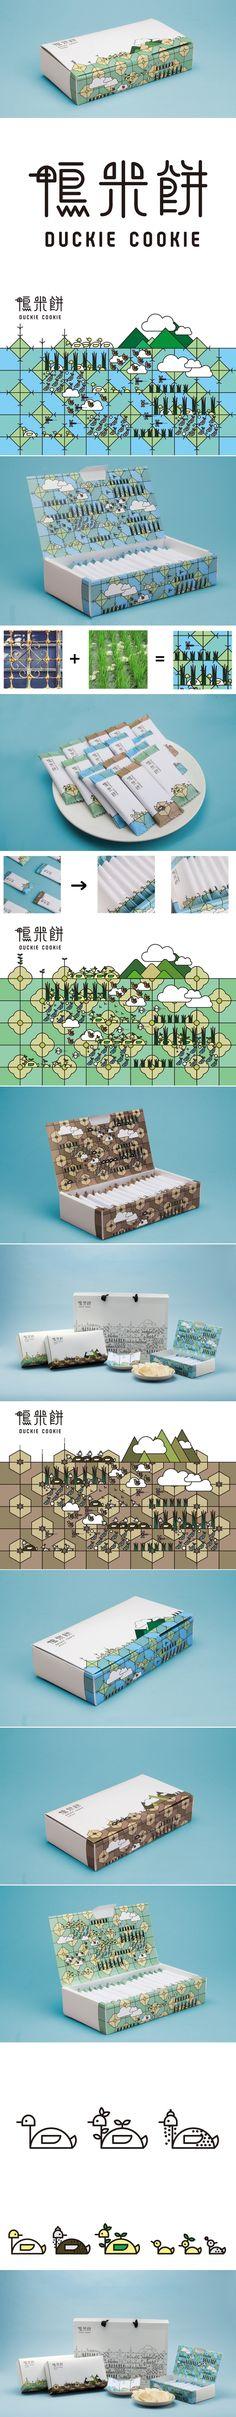 Duckie Cookie — The Dieline | Packaging & Branding Design & Innovation News